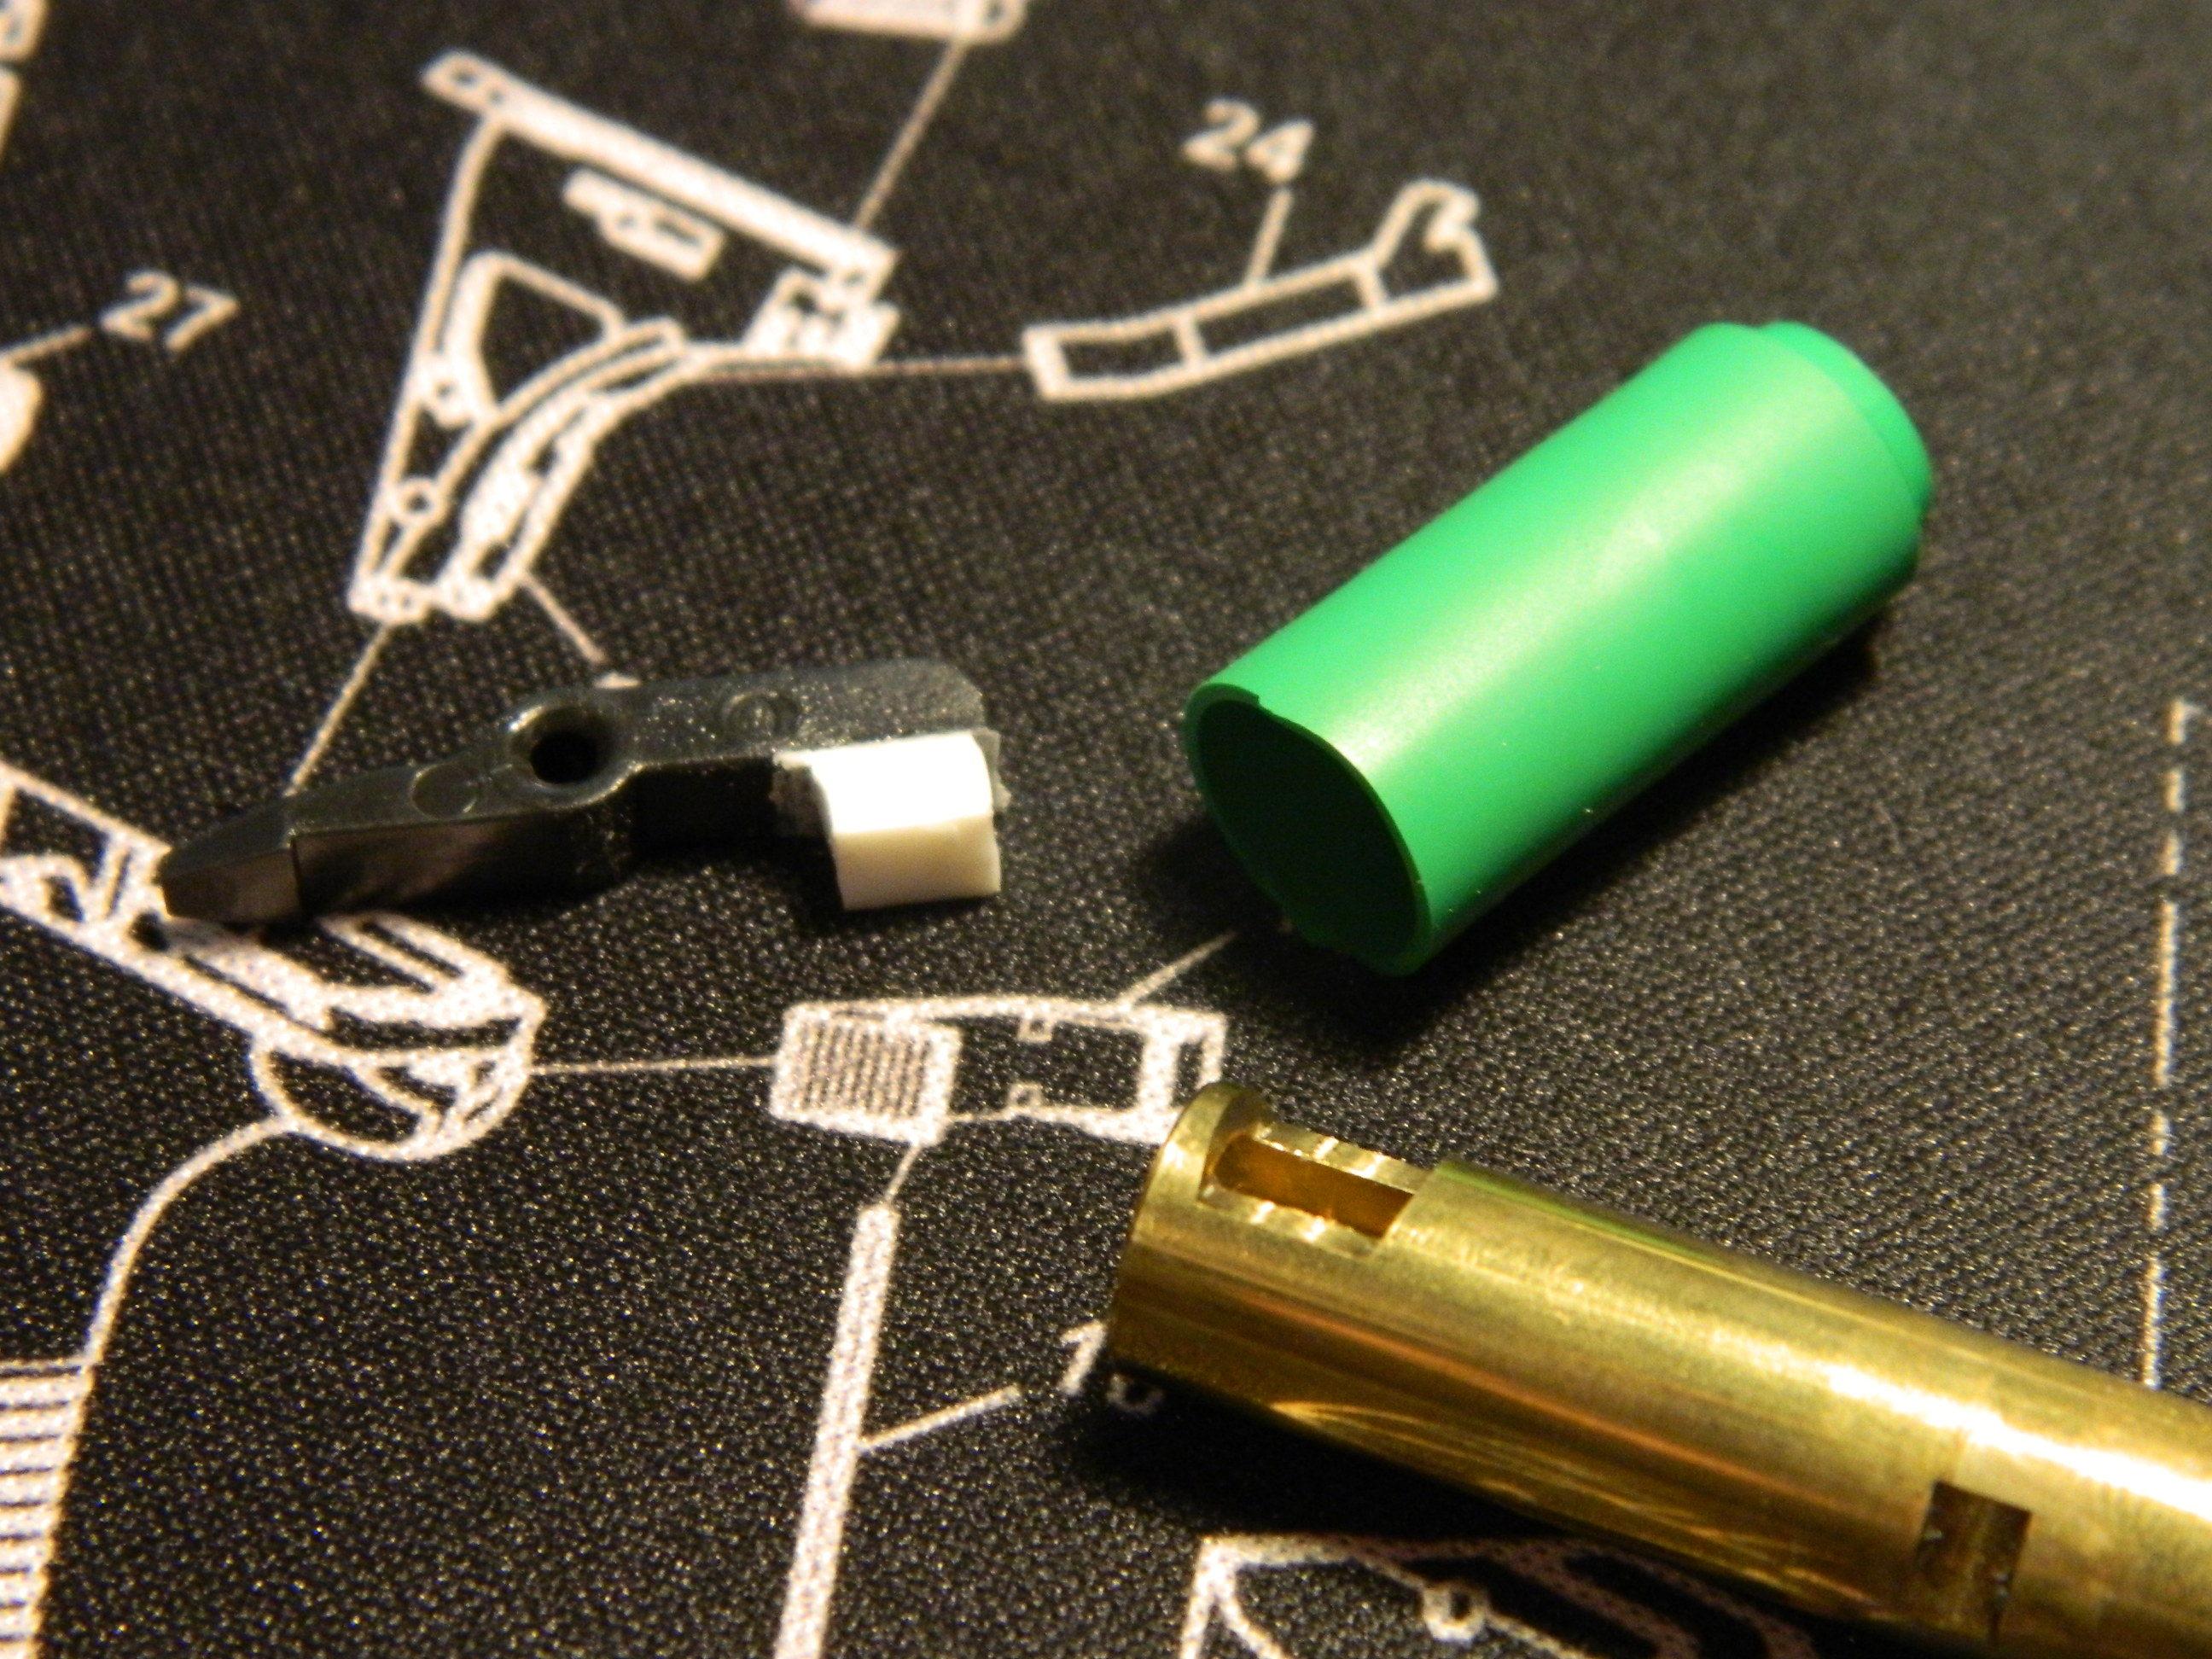 diy flathop und r hop anleitung und warum berhaupt airsoft verzeichnis. Black Bedroom Furniture Sets. Home Design Ideas